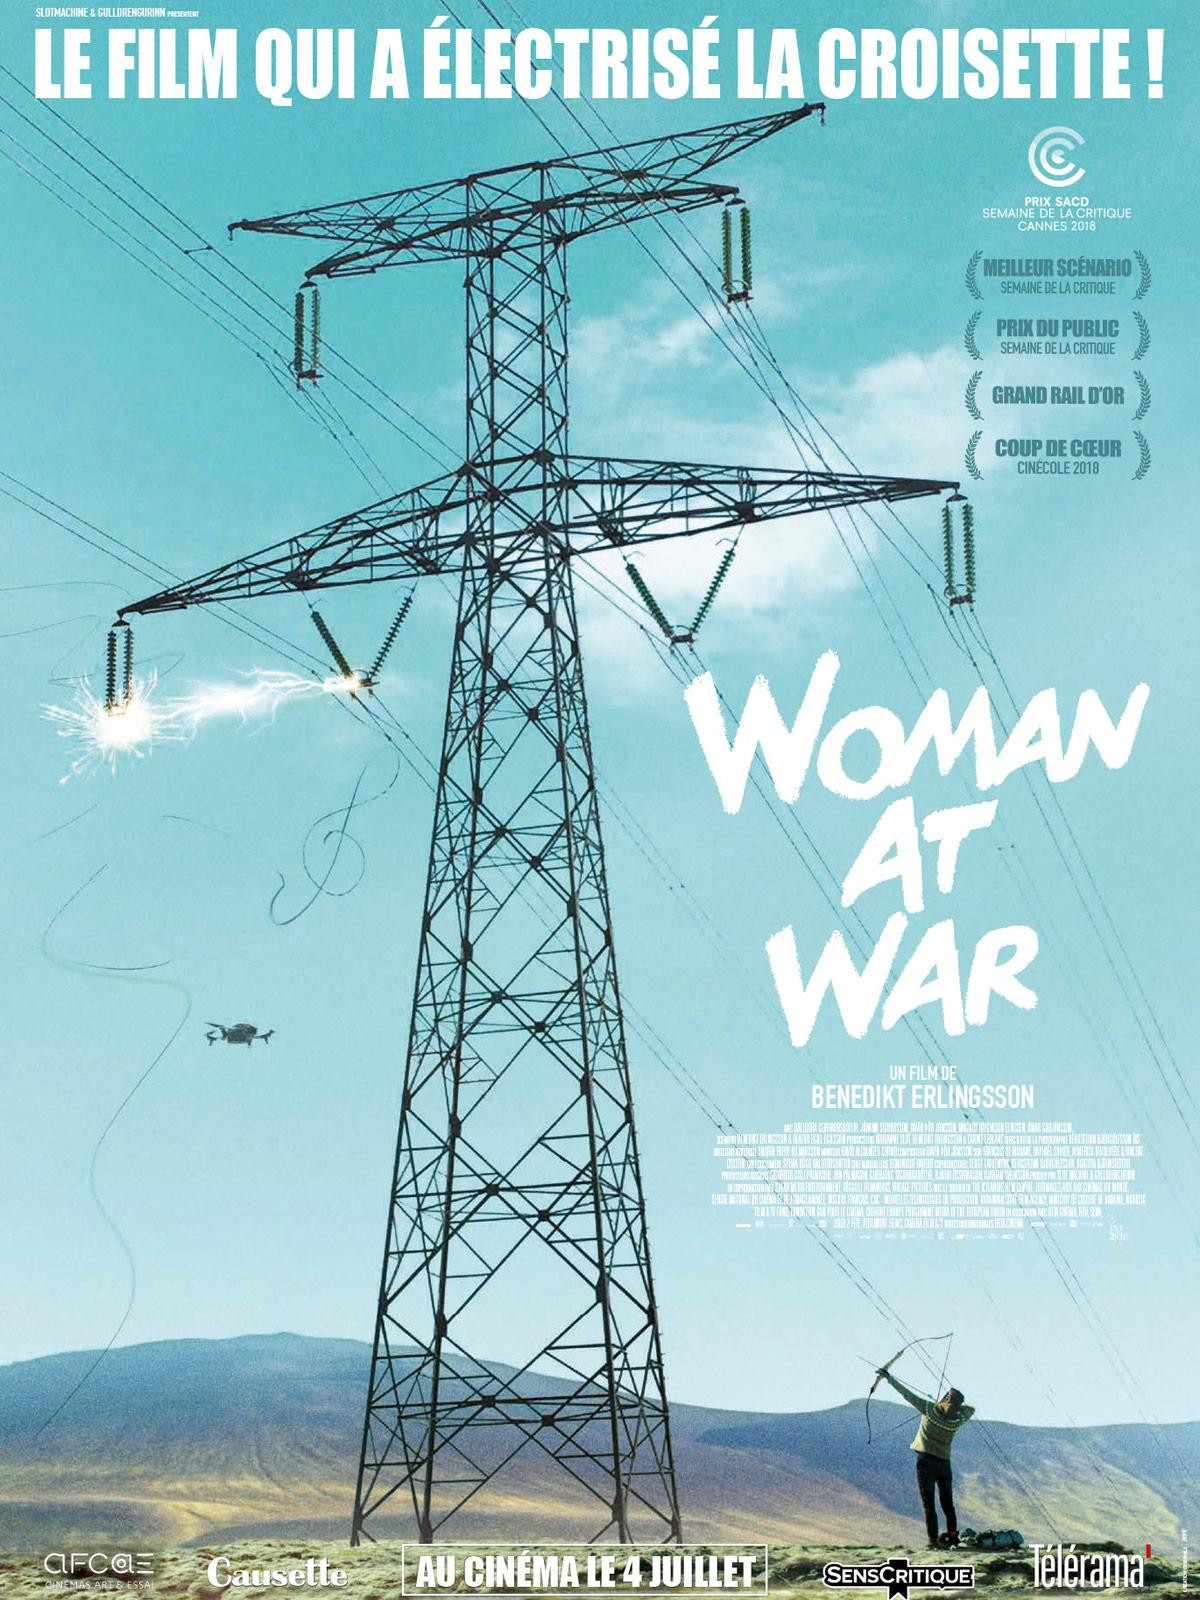 [Ciné-Villeneuve] Woman at War @ Salle polyvalente des Baladins